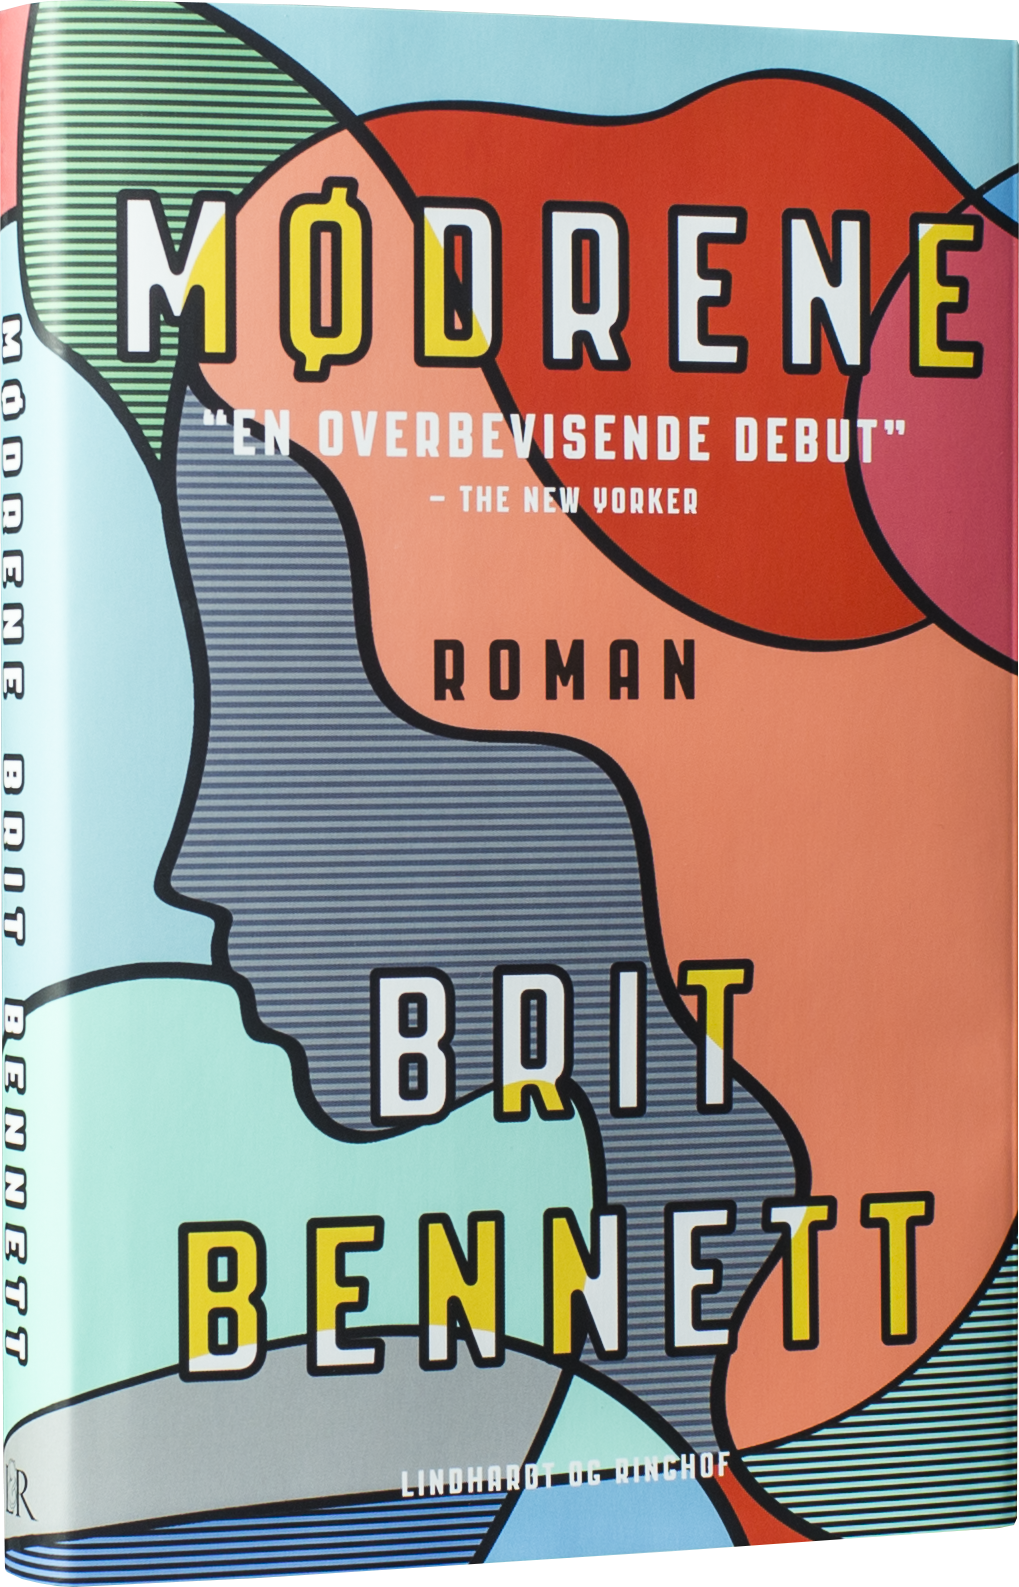 Mødrene, Brit Bennett, amerikansk roman, ungdom, venskab, kærlighed